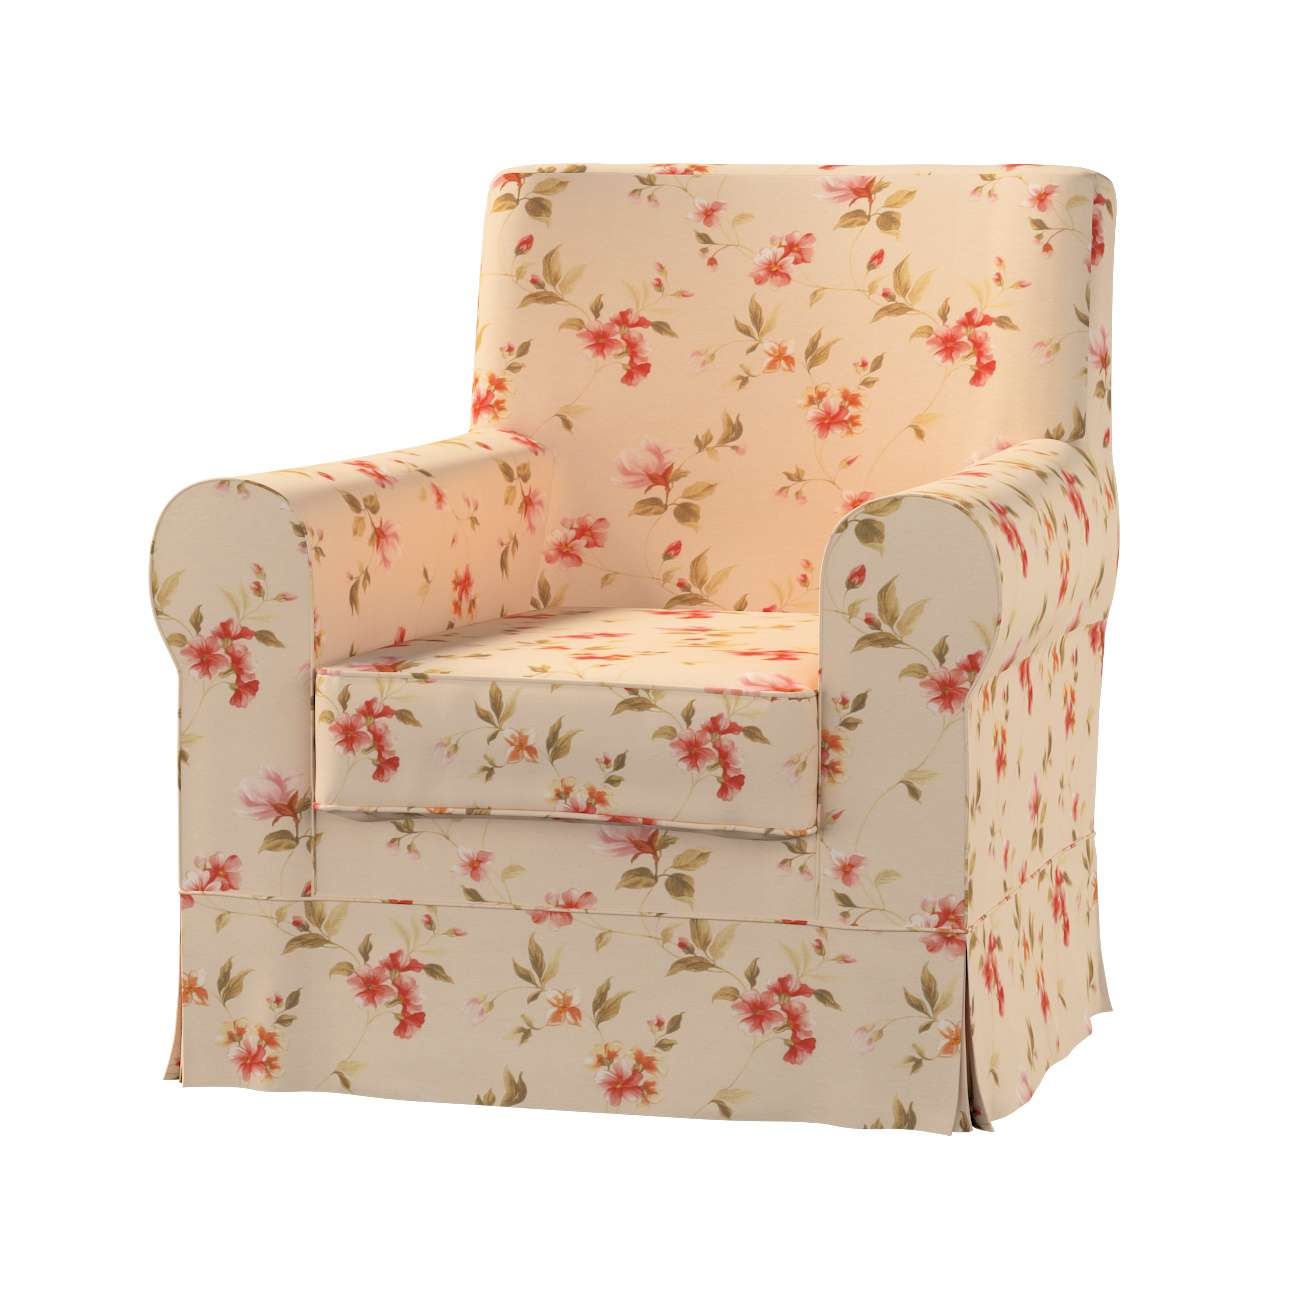 Ektorp Jennylund Sesselbezug Sesselhusse, Ektorp Jennylund von der Kollektion Londres, Stoff: 124-05